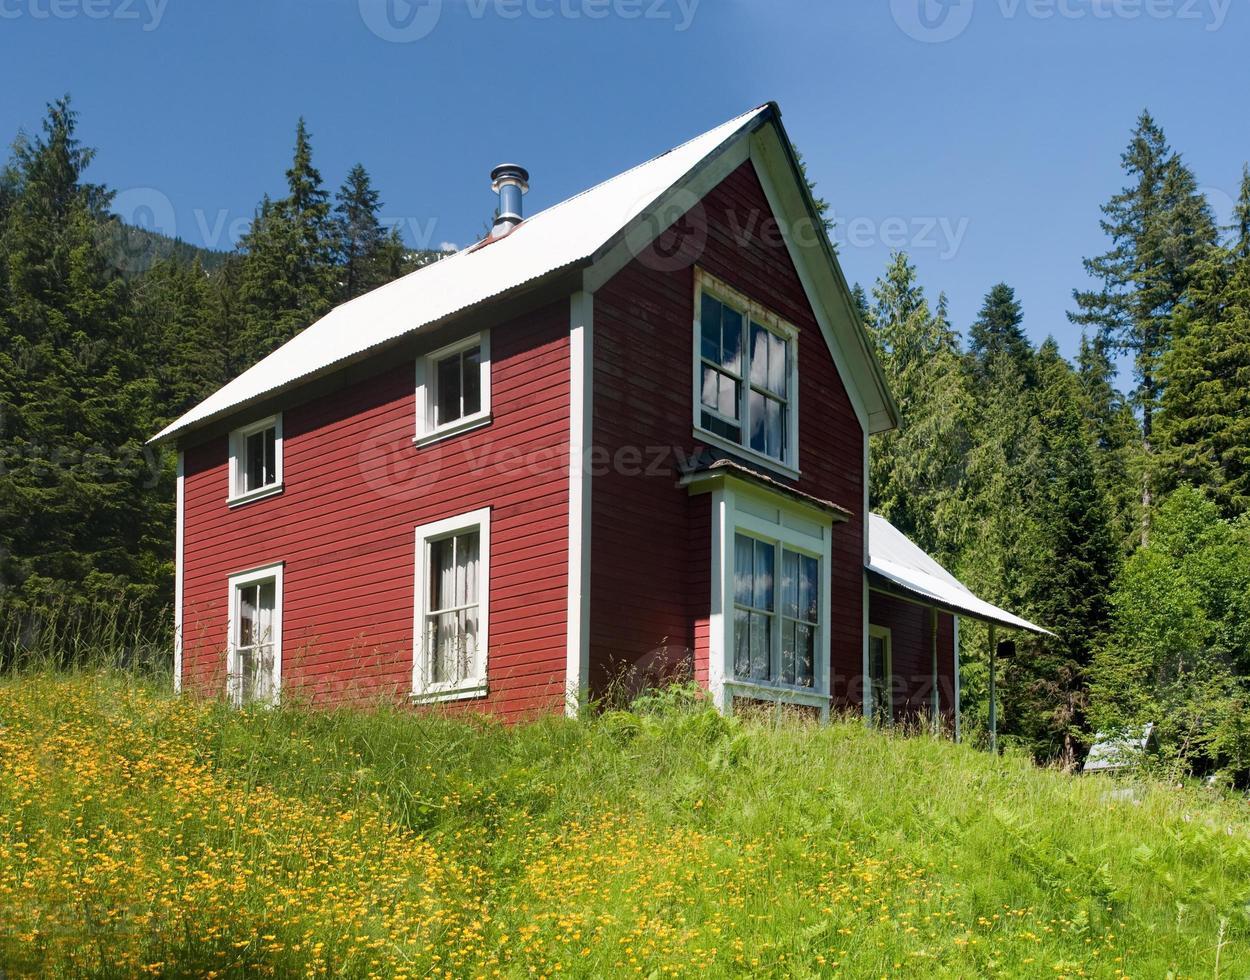 casa de montanha vermelha foto